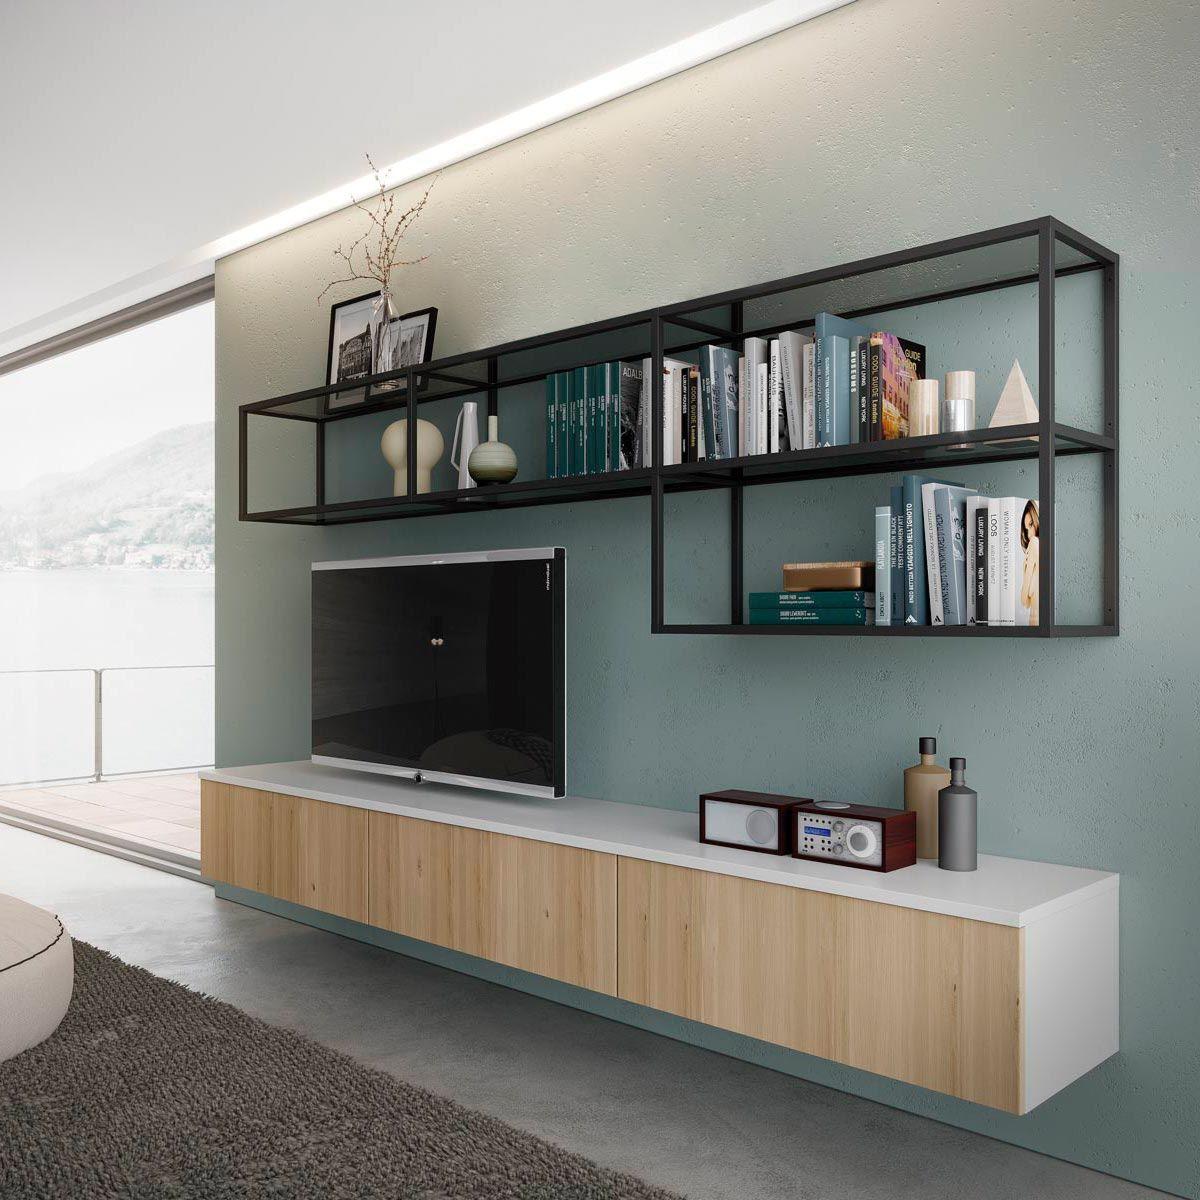 TAKI - Estructura decorativa para muebles y estantes